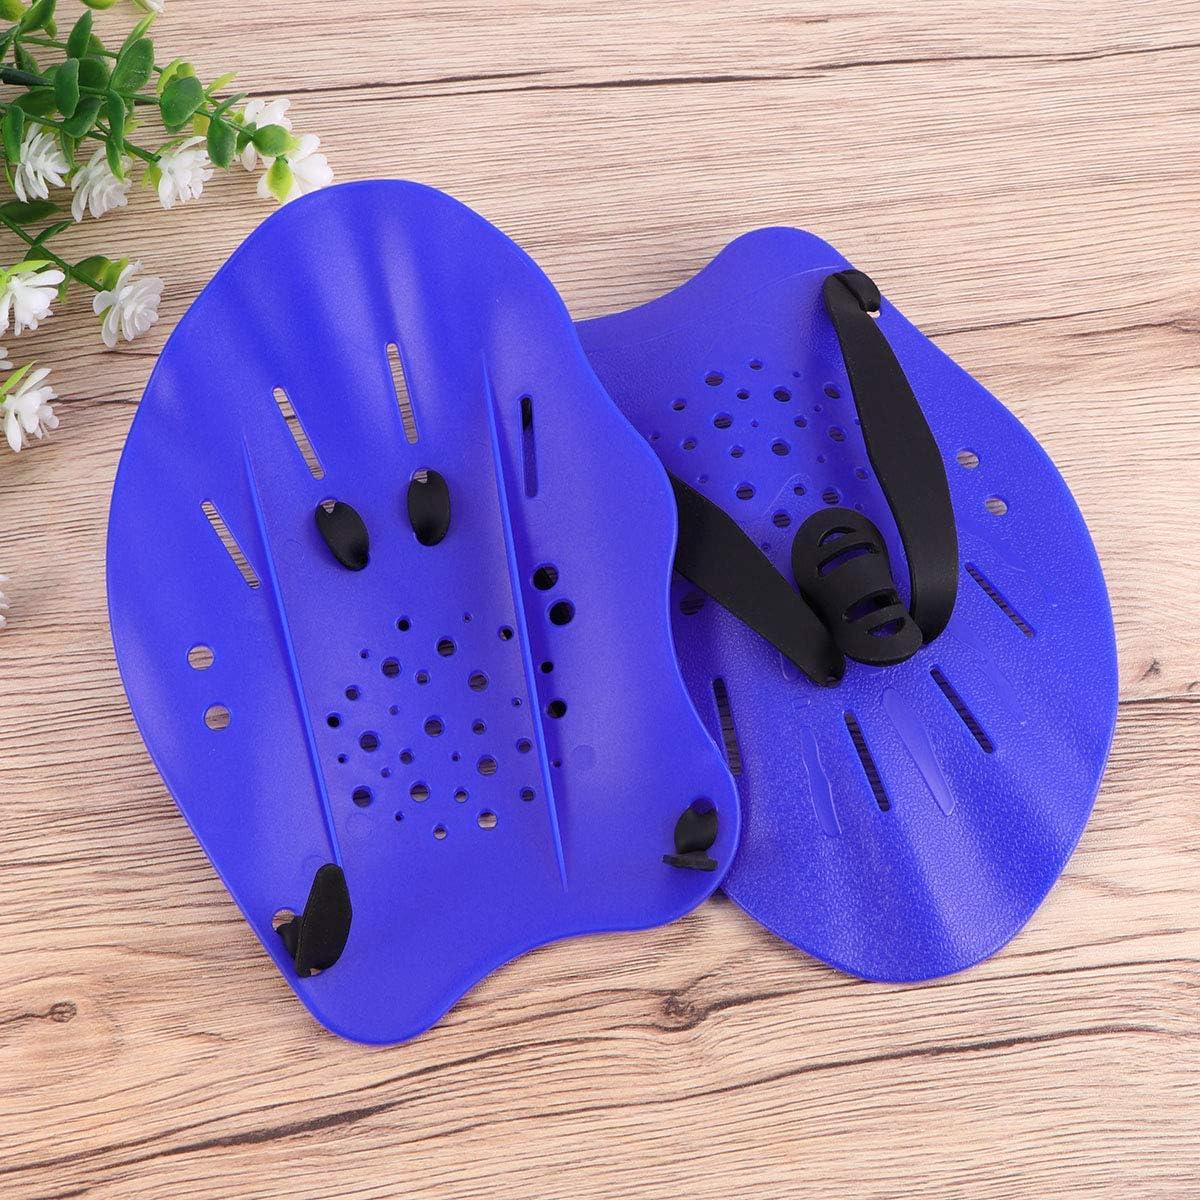 LIOOBO Schwimmen Handpaddel Schwimmhandschuhe Training Schwimmh/äute f/ür M/änner Frauen Kinder Blau